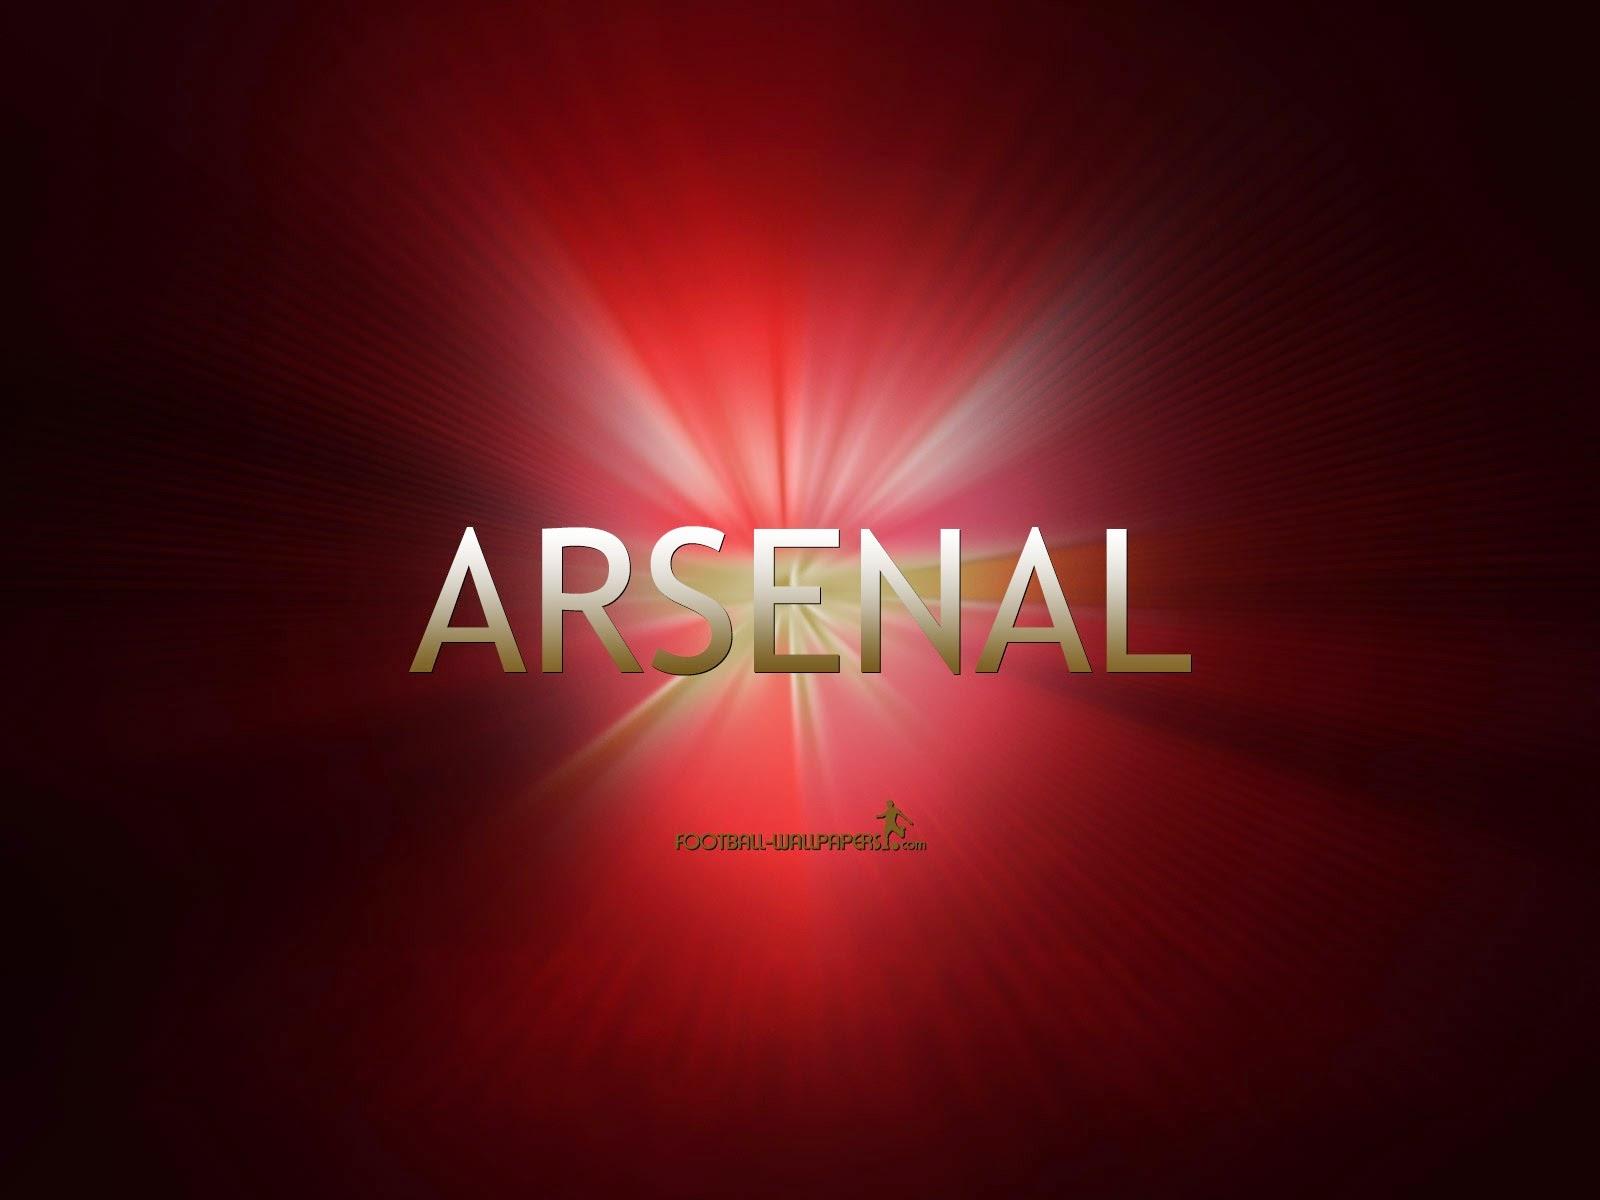 Hình nền máy tính đội tuổi Arsenal